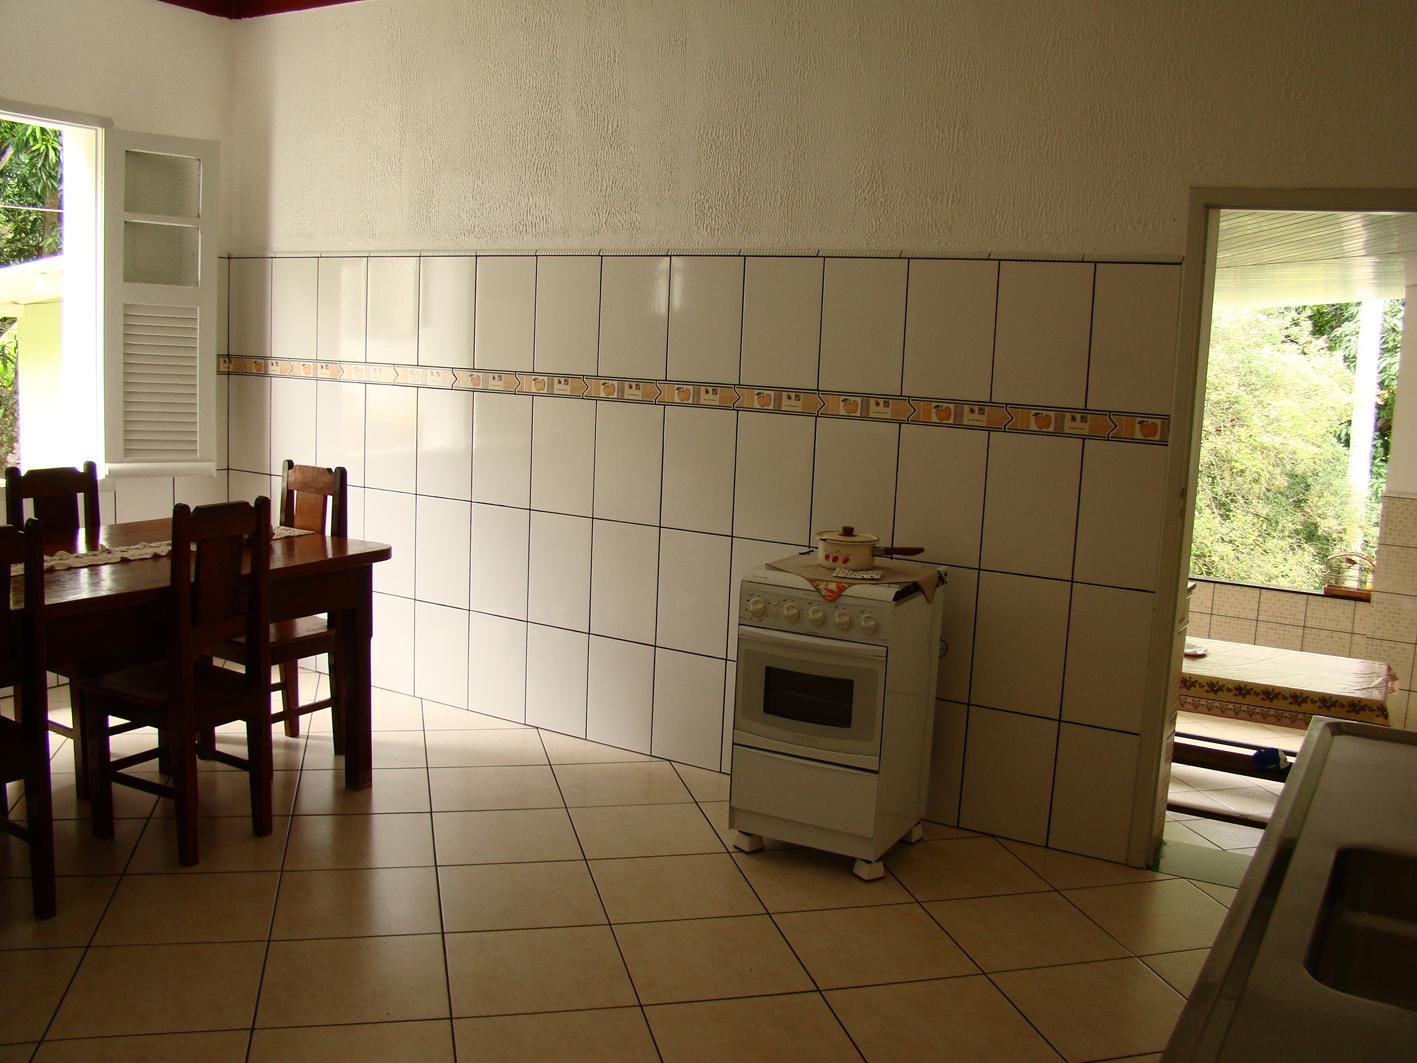 Cozinha pequena #372510 1417 1063